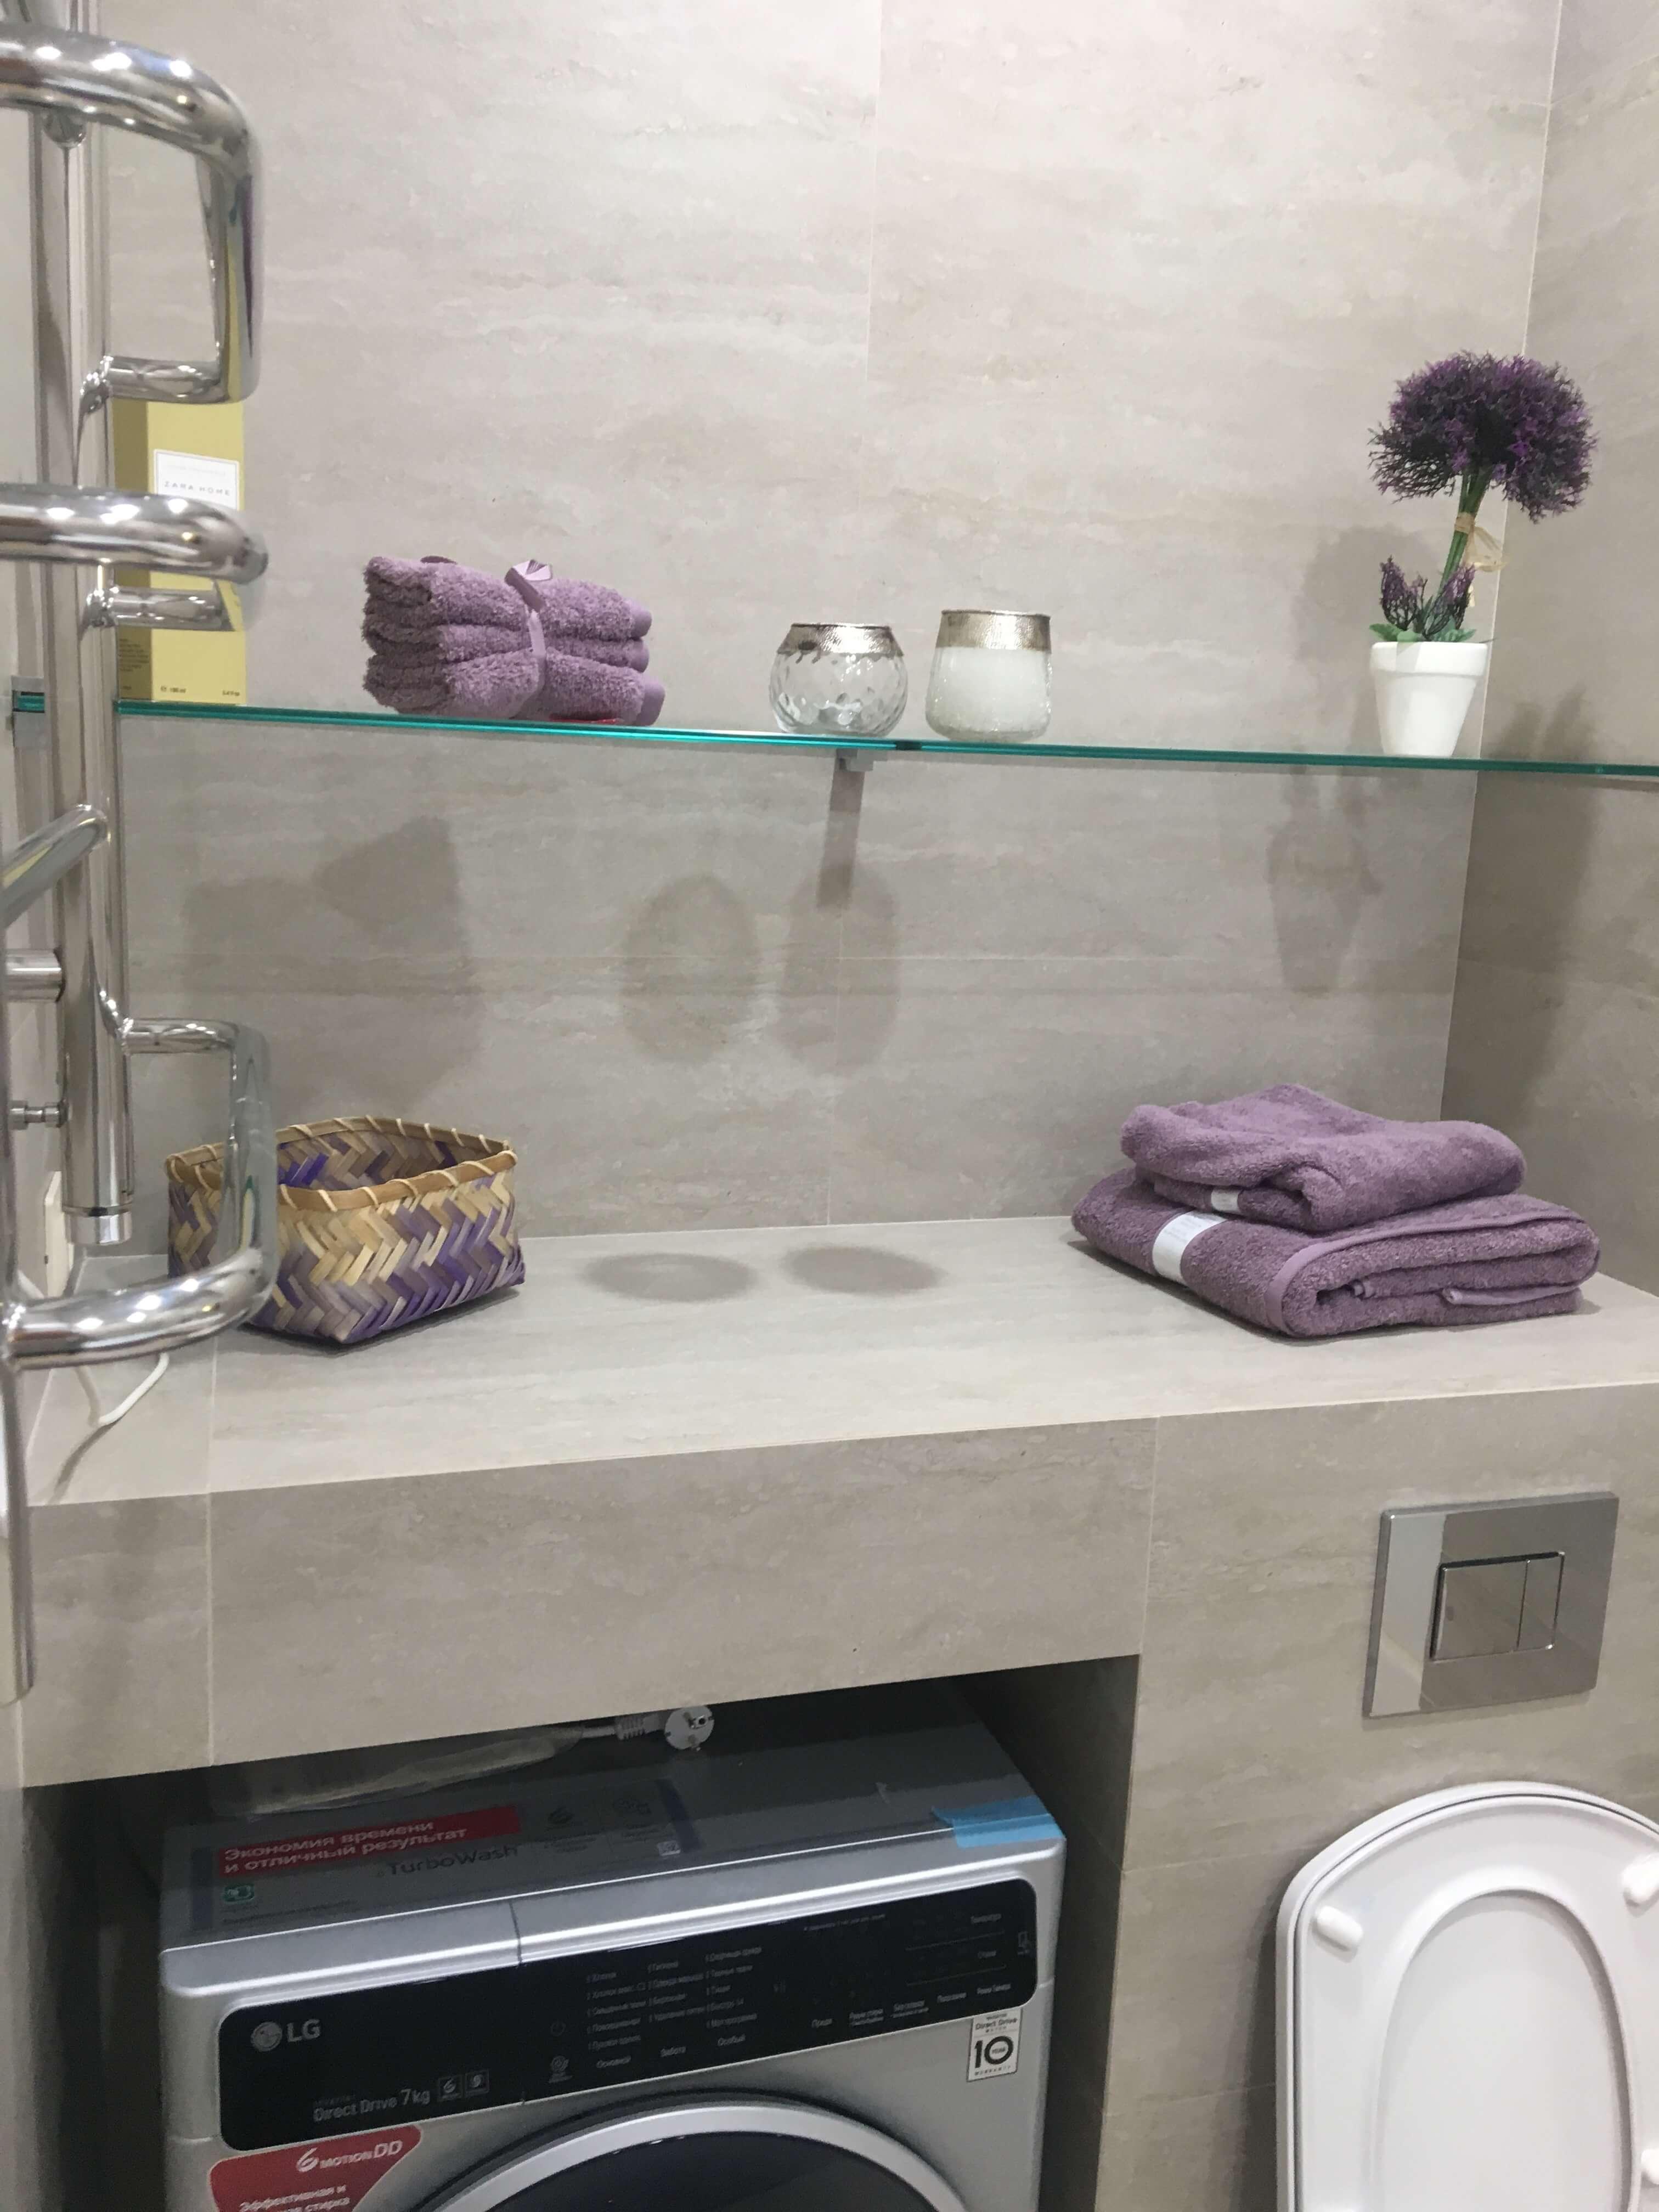 Уютные апартаменты в центре Сочи в престижном комплексе - image Uyutnye-apartamenty-v-tsentre-Sochi-v-prestizhnom-komplekse-4-1 on https://bizneskvartal.ru